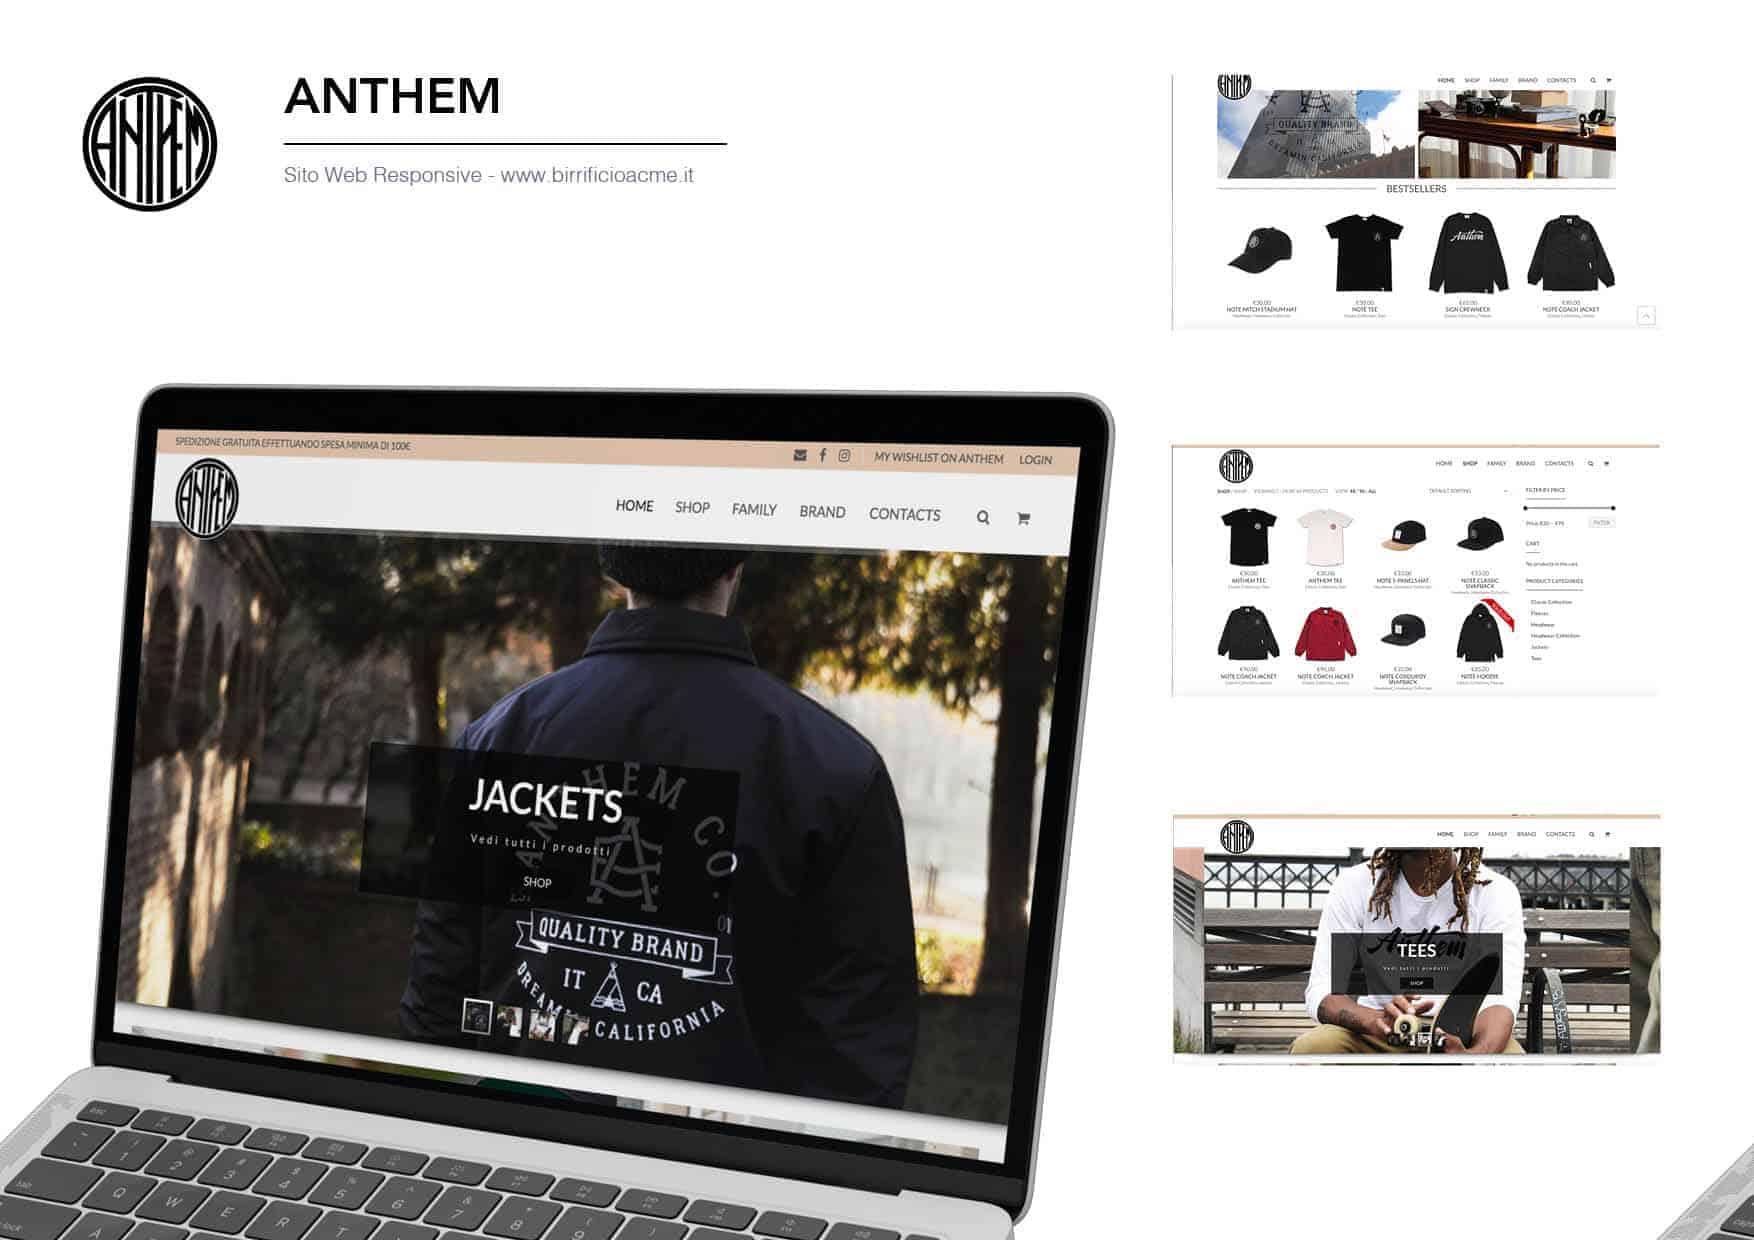 slider_Anthem_Mobile_1